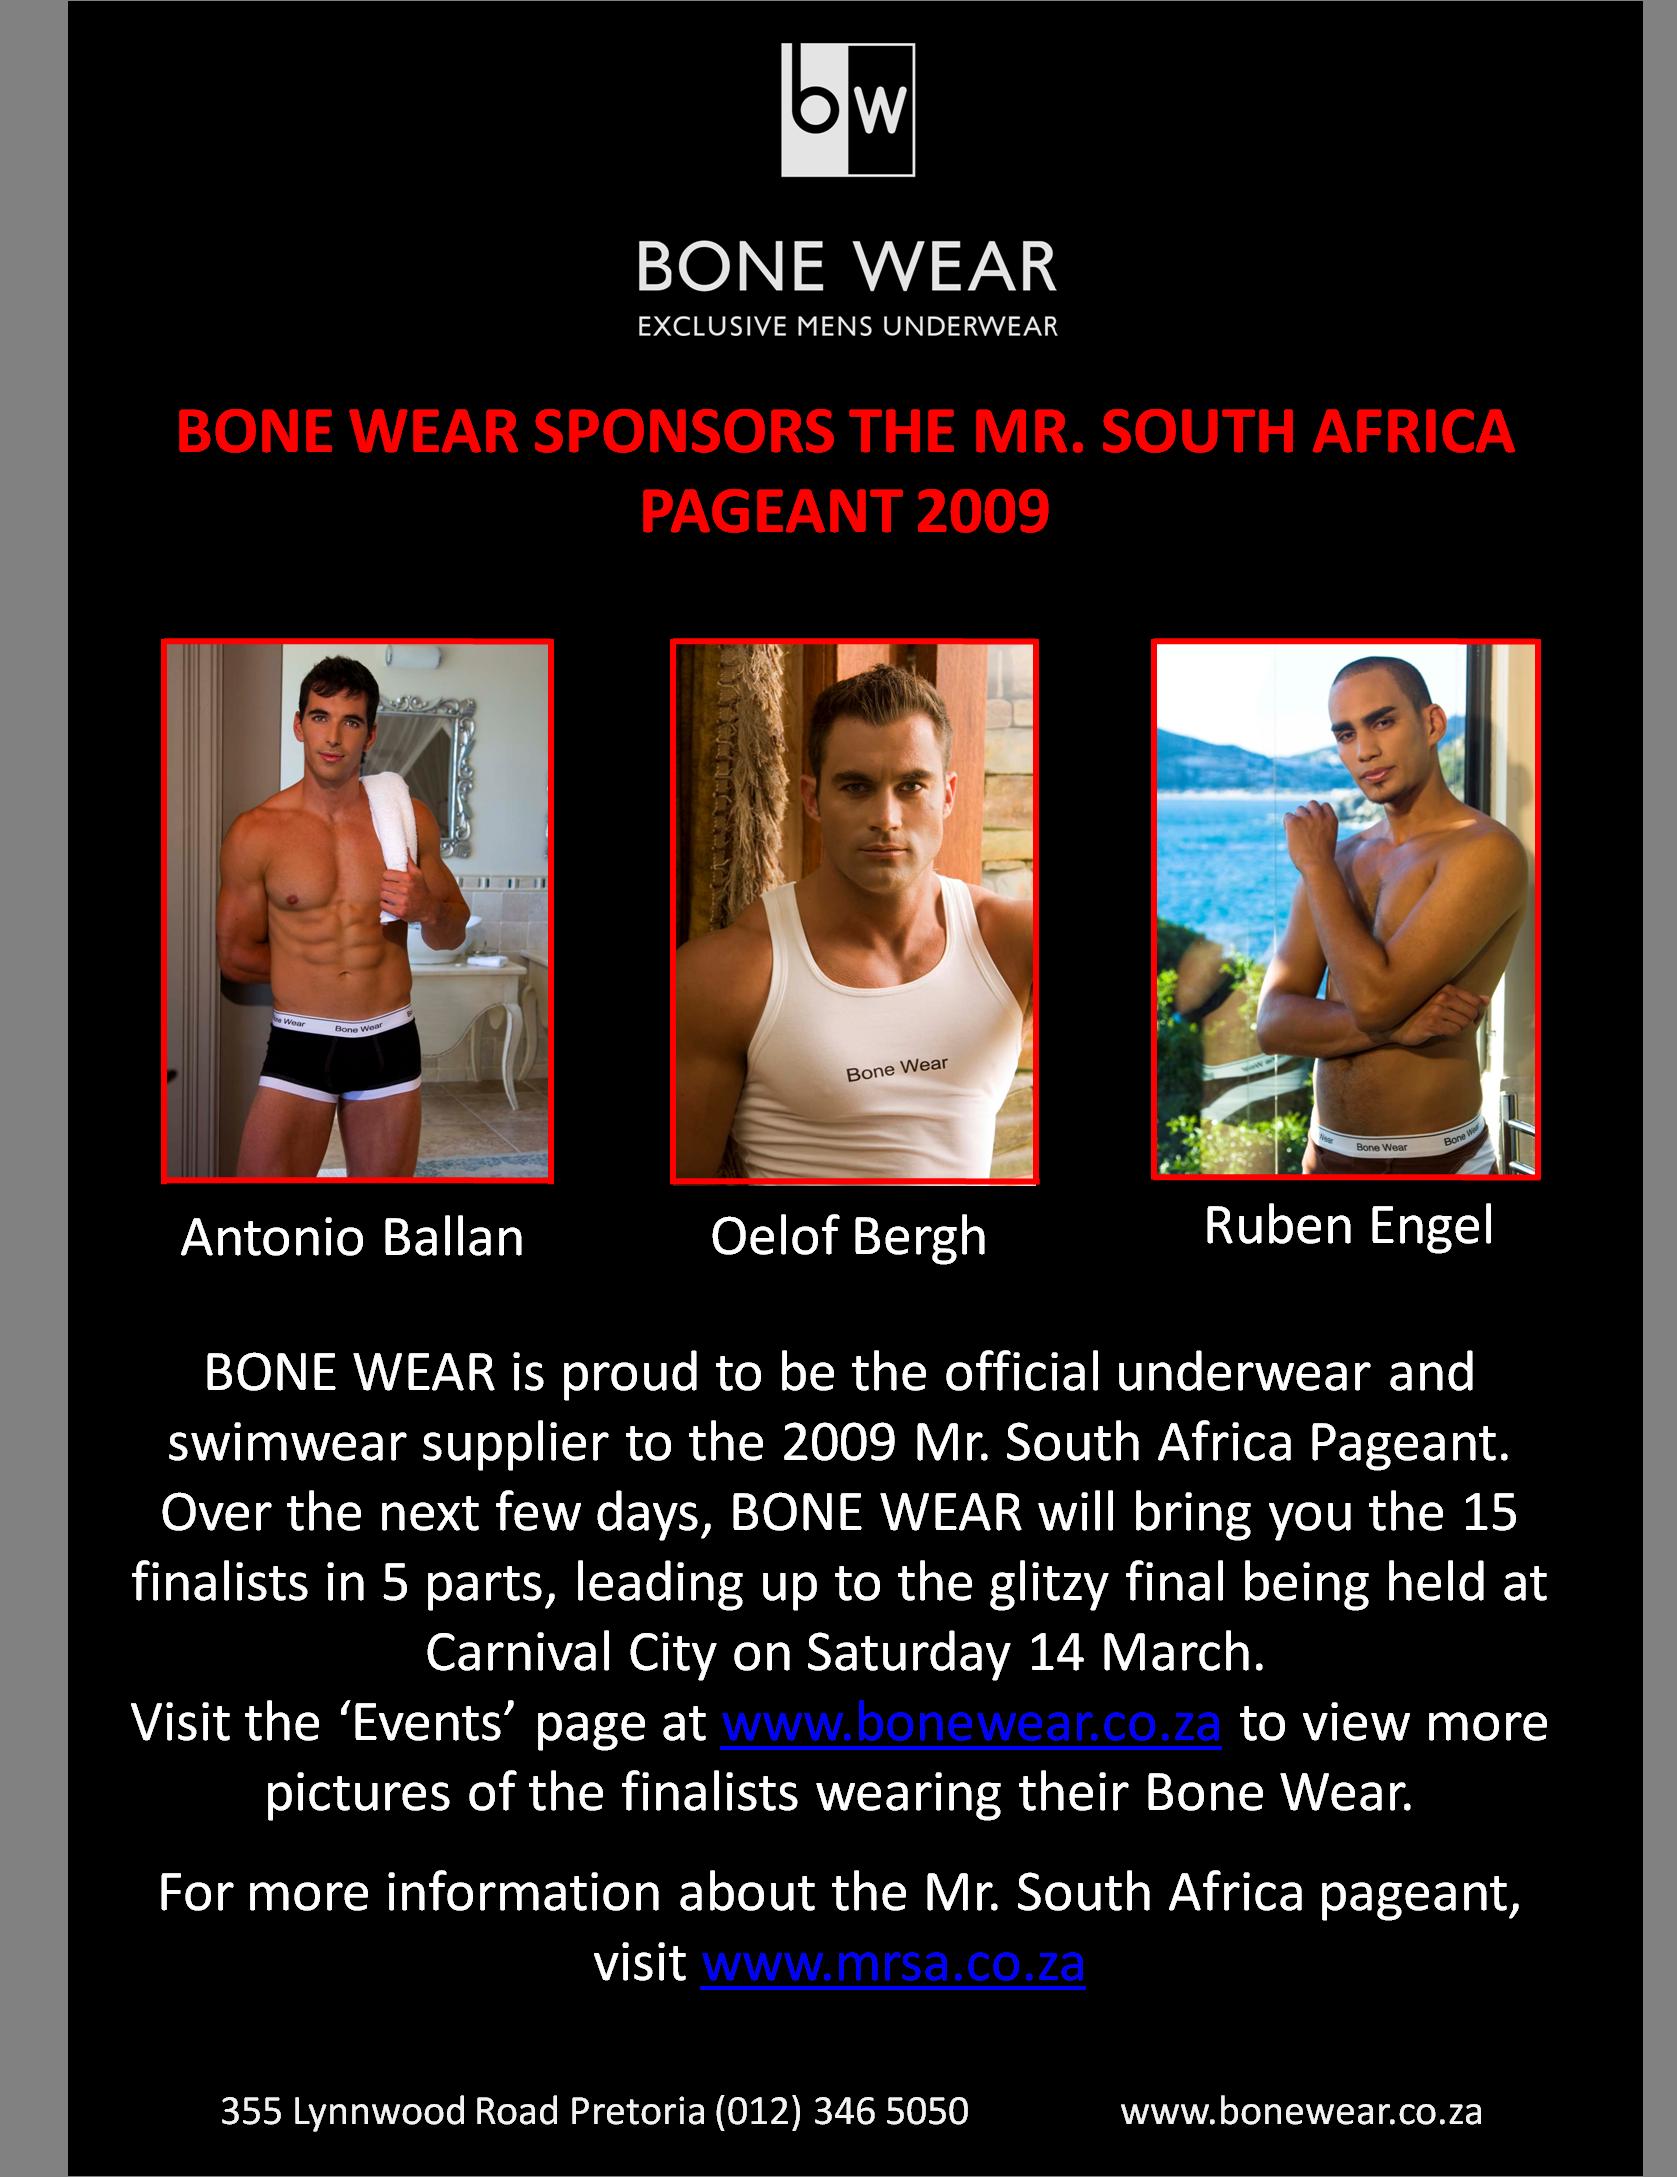 Bone Wear - Underwear and Swim Wear Sponsor of Mr. South Africa